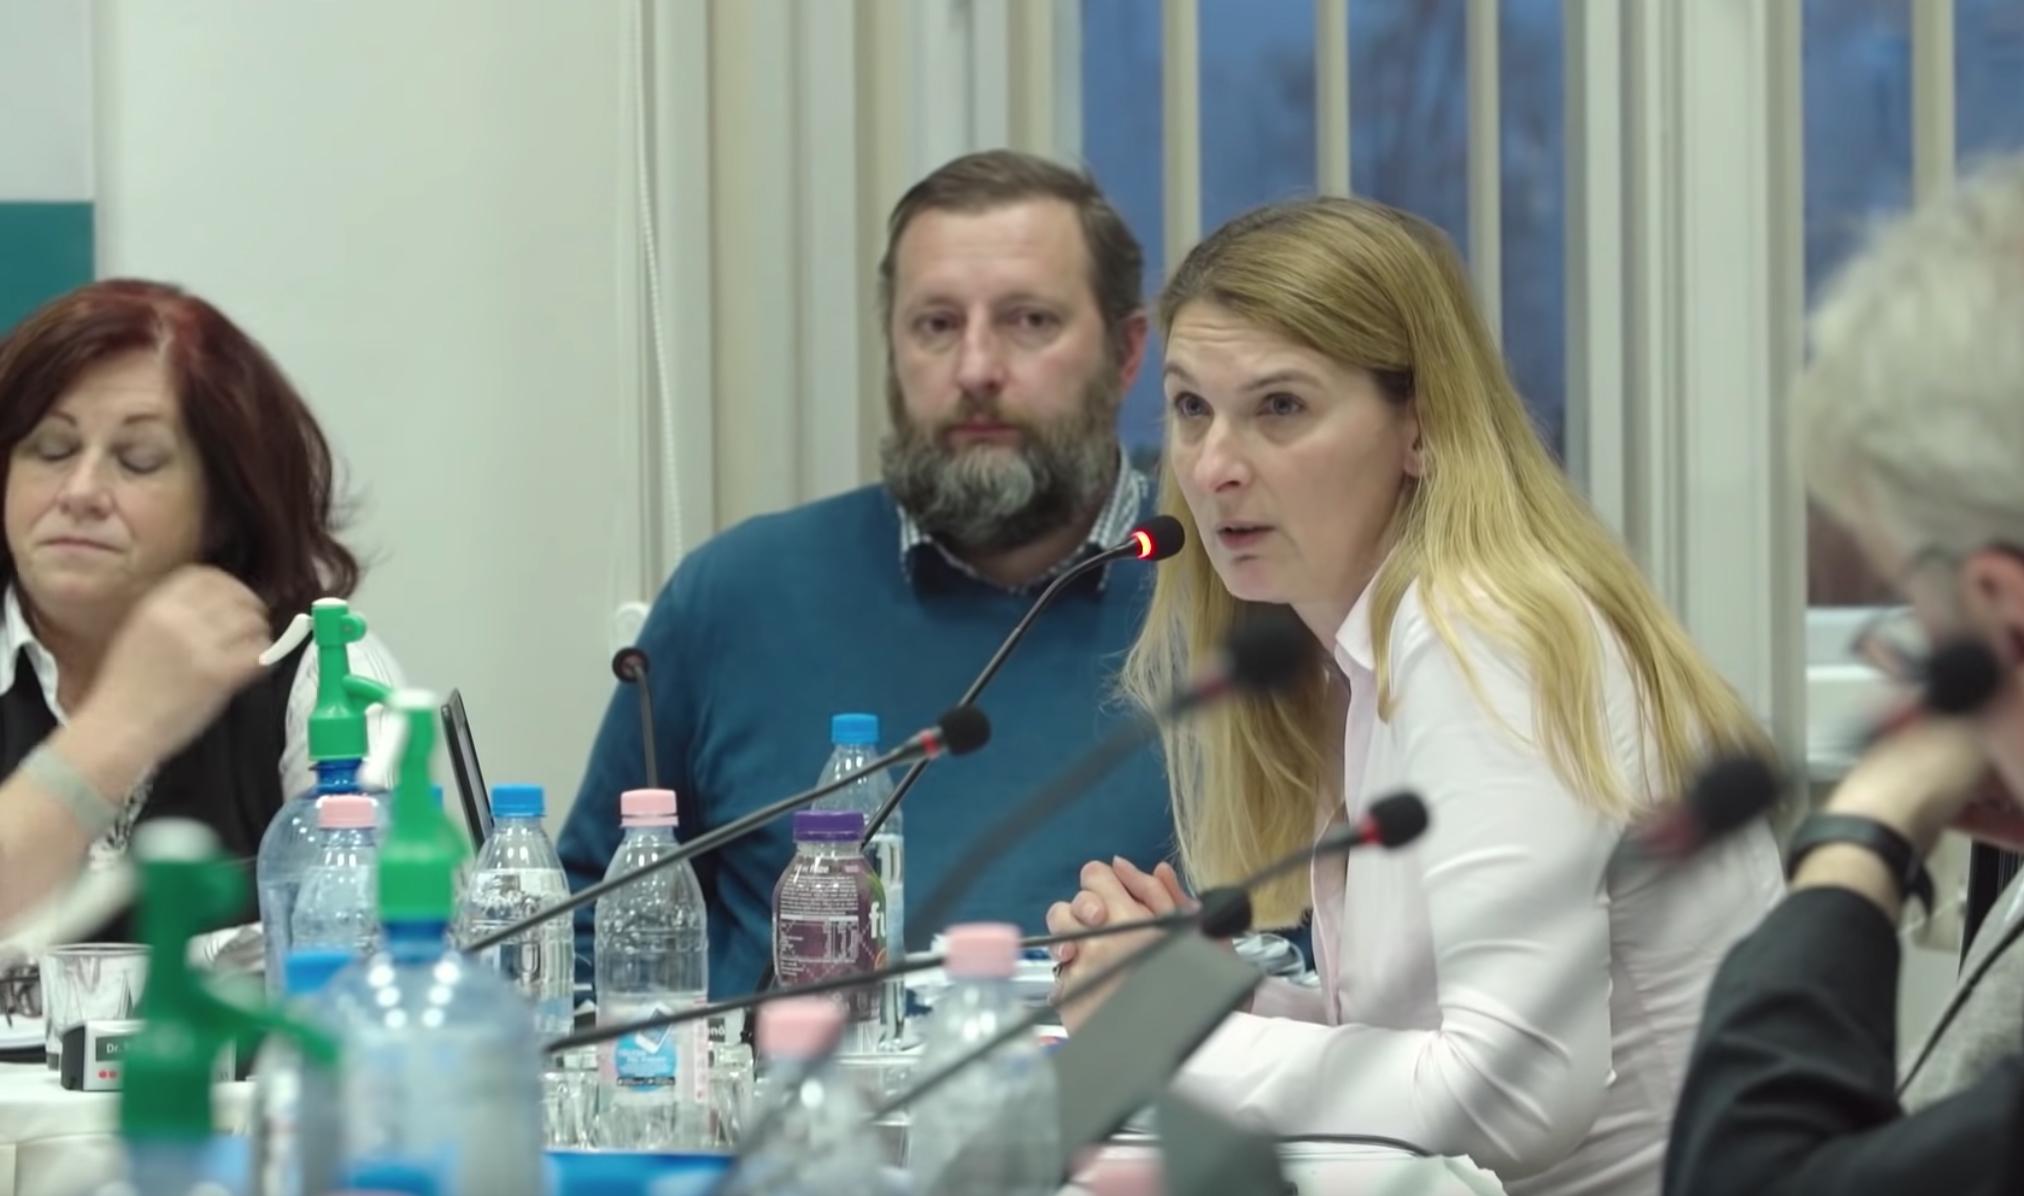 A Kutyapárt beállt Baranyi Krisztina mögé, mindenki mindenki ellen Ferencvárosban